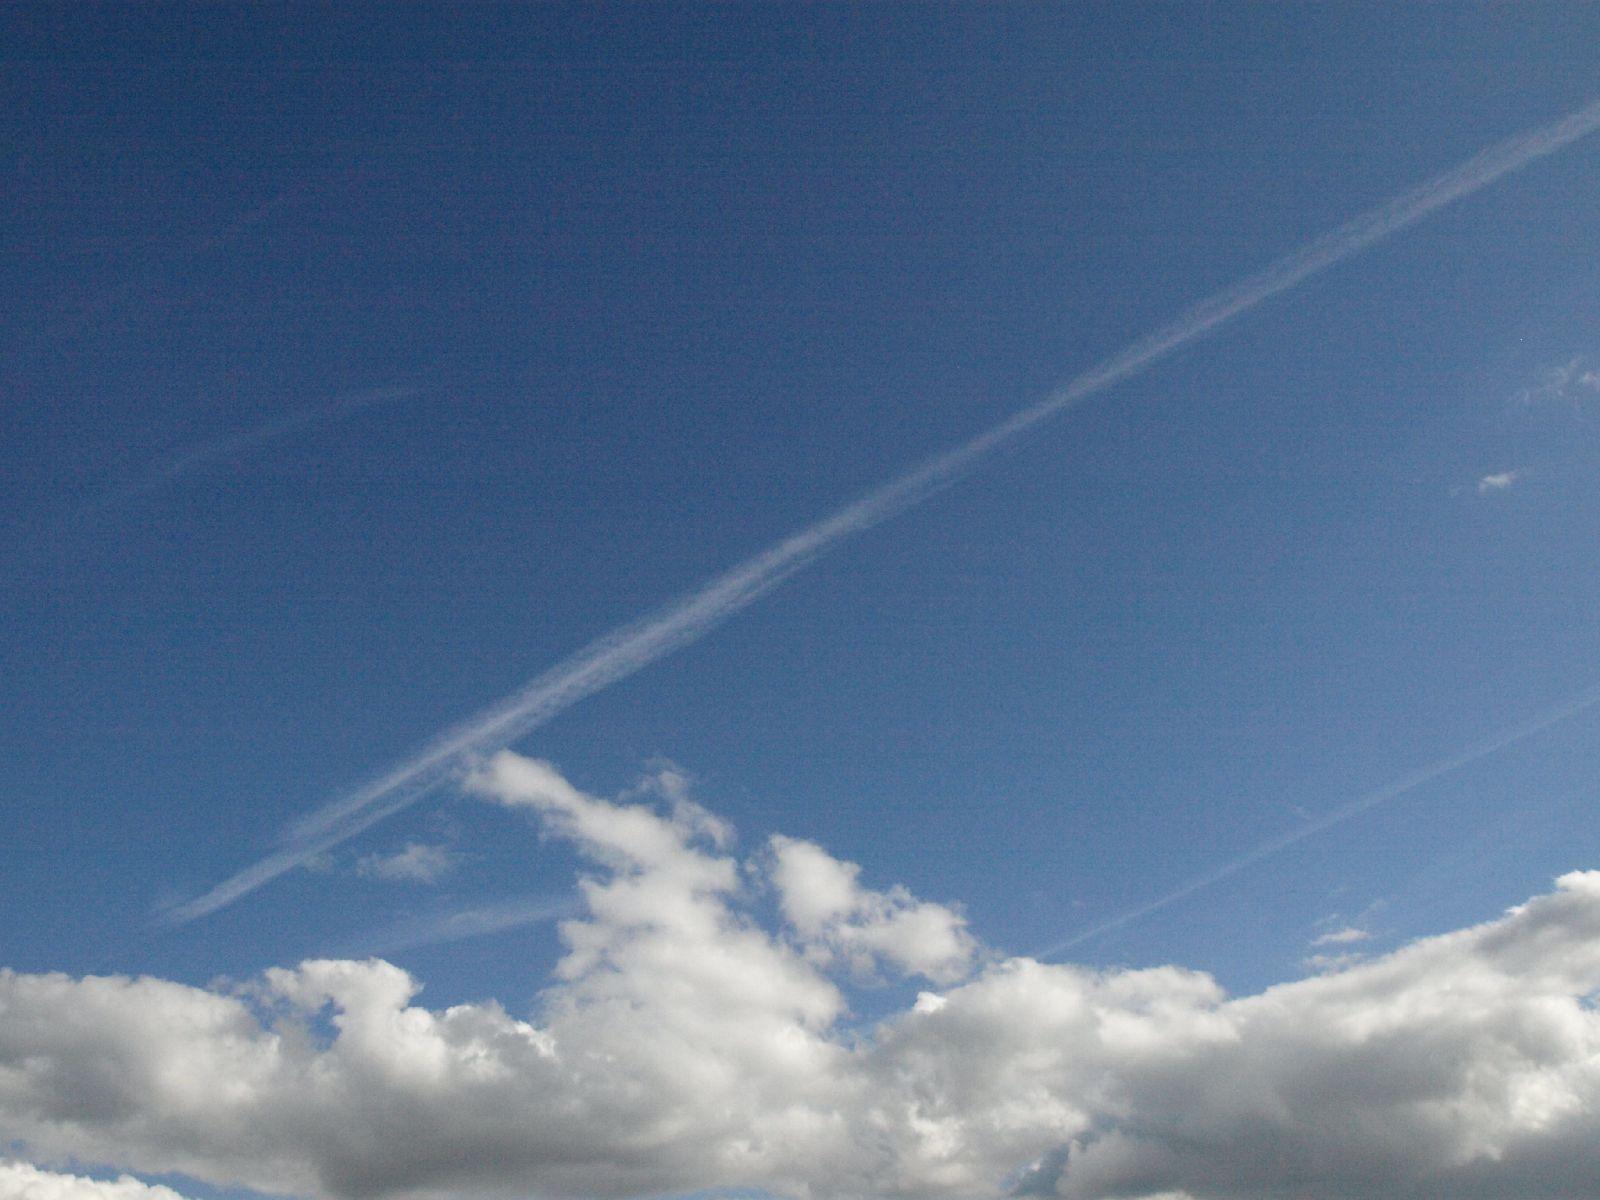 Himmel-Wolken-Foto_Textur_A_P5183897